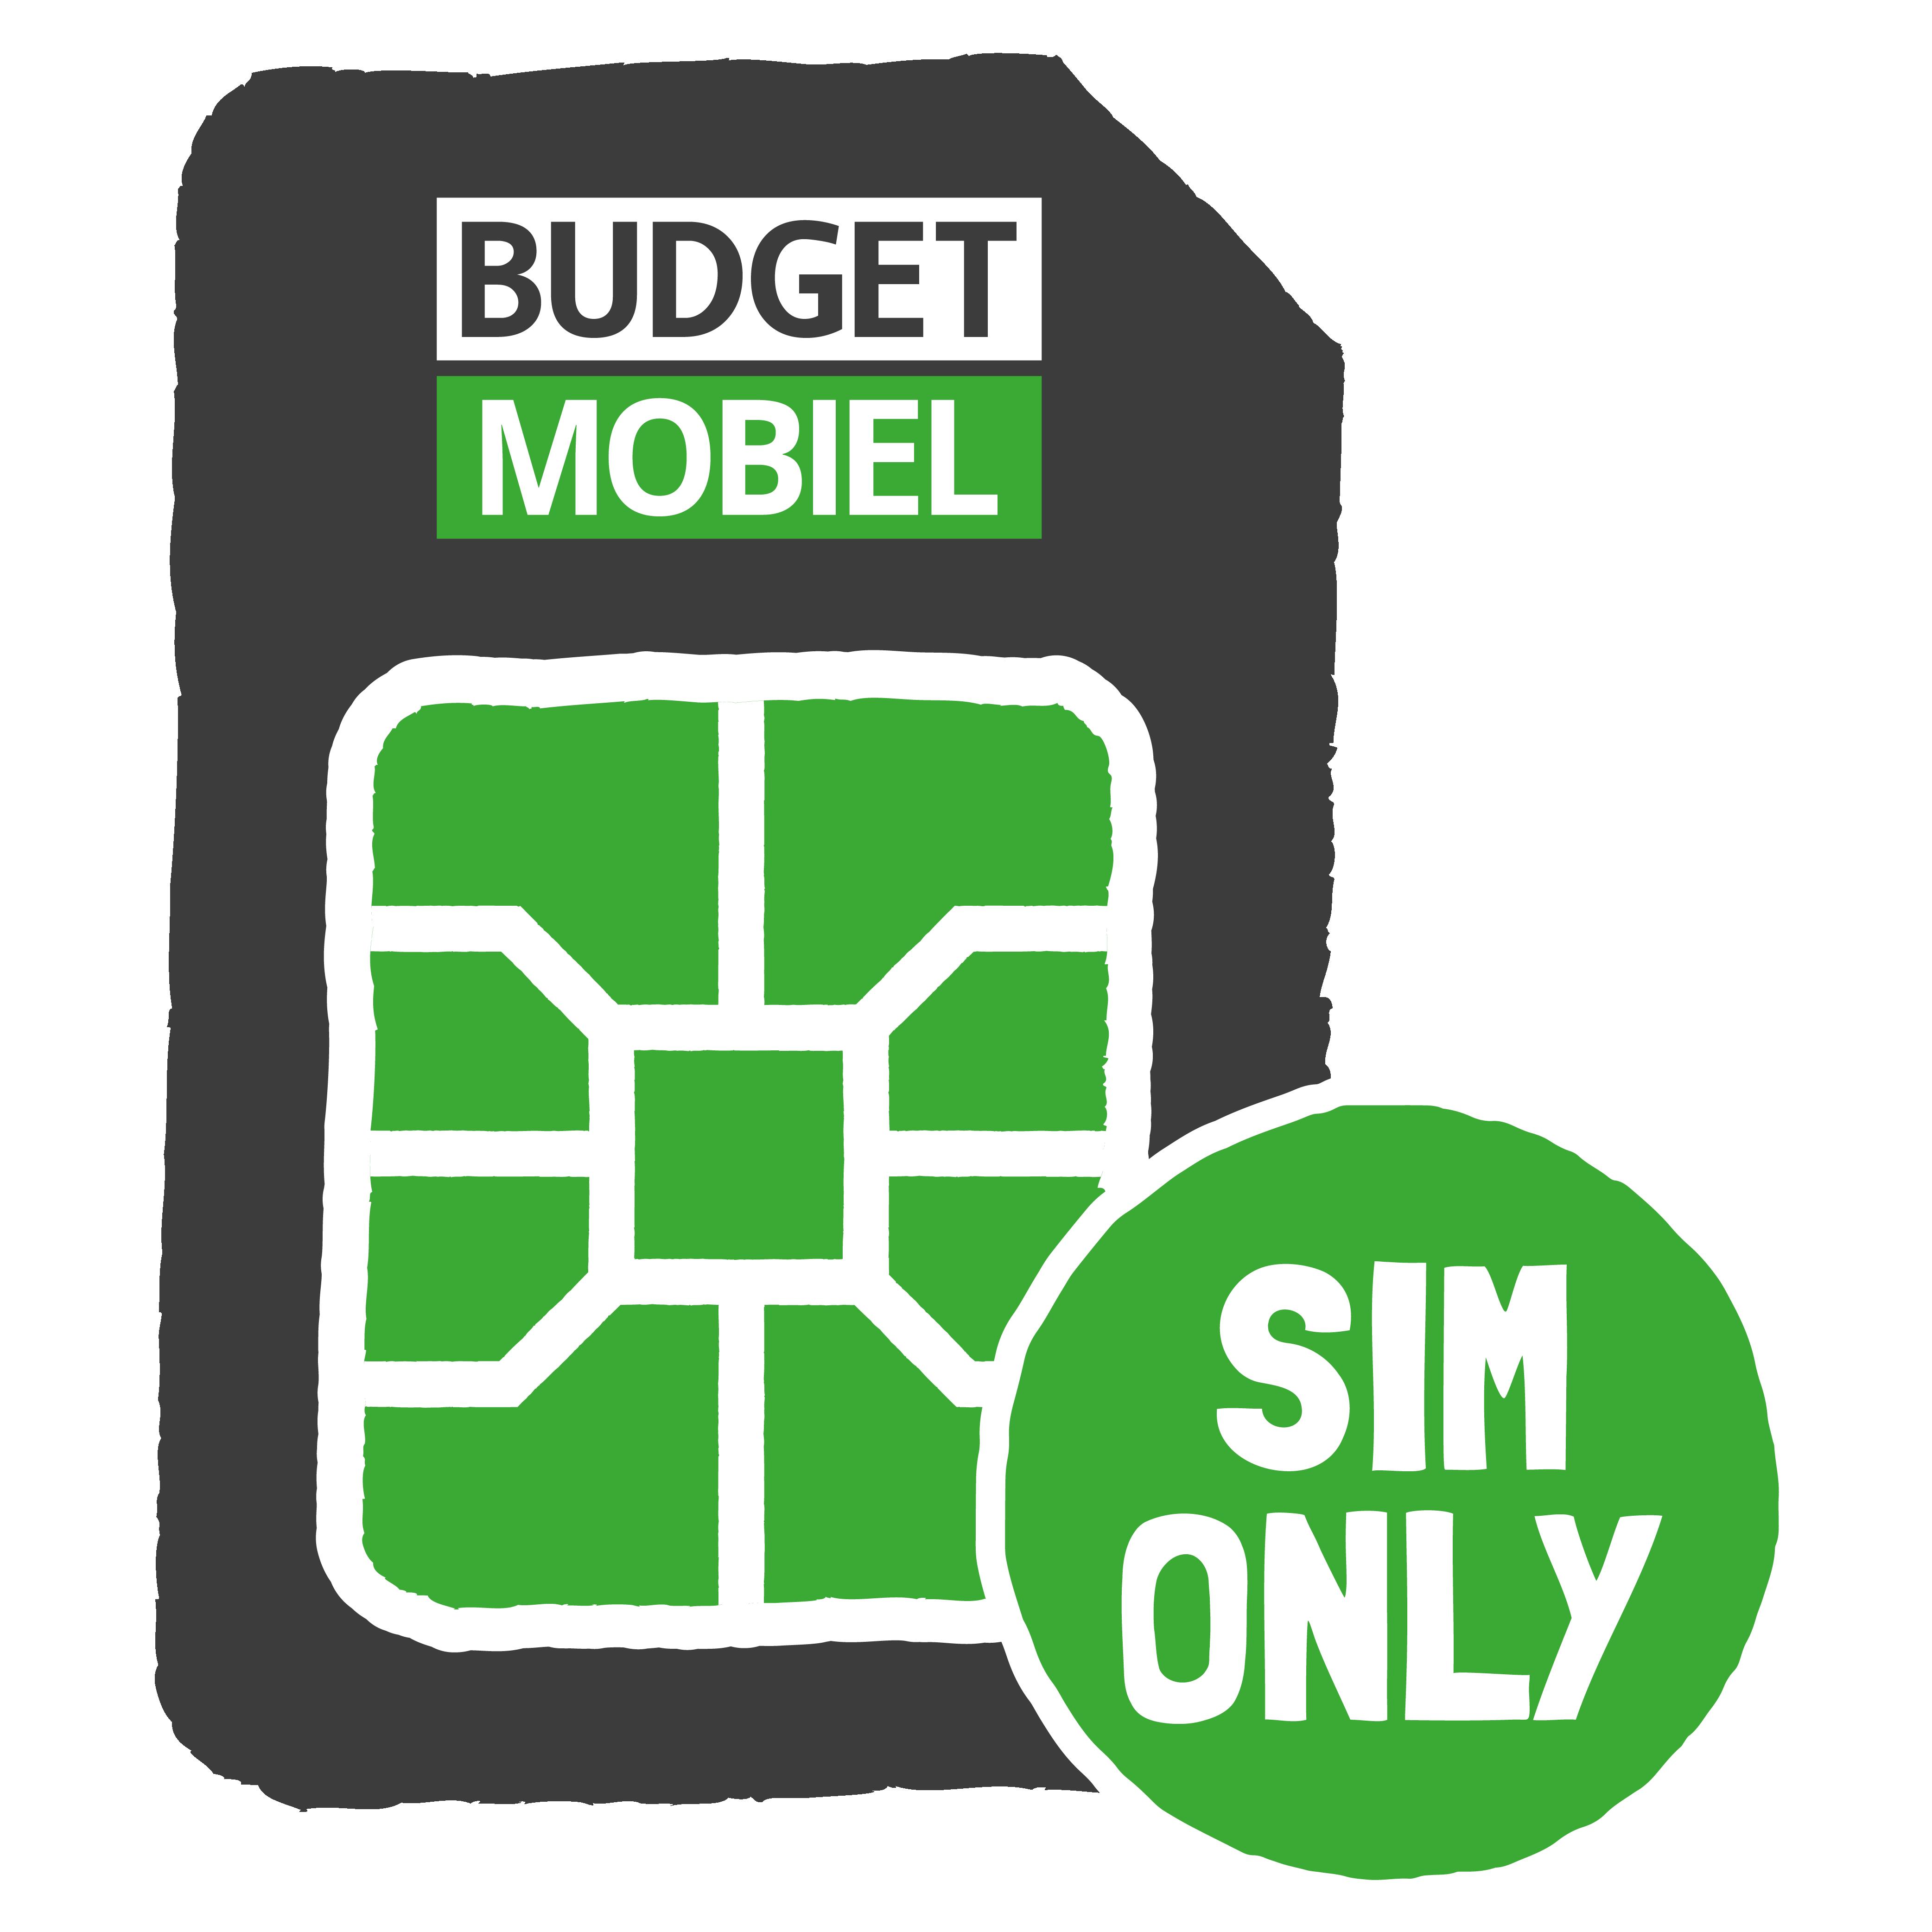 Budget Mobiel Onbeperkt. Onbeperkt bellen, sms en én data voor slechts 20, per maand.